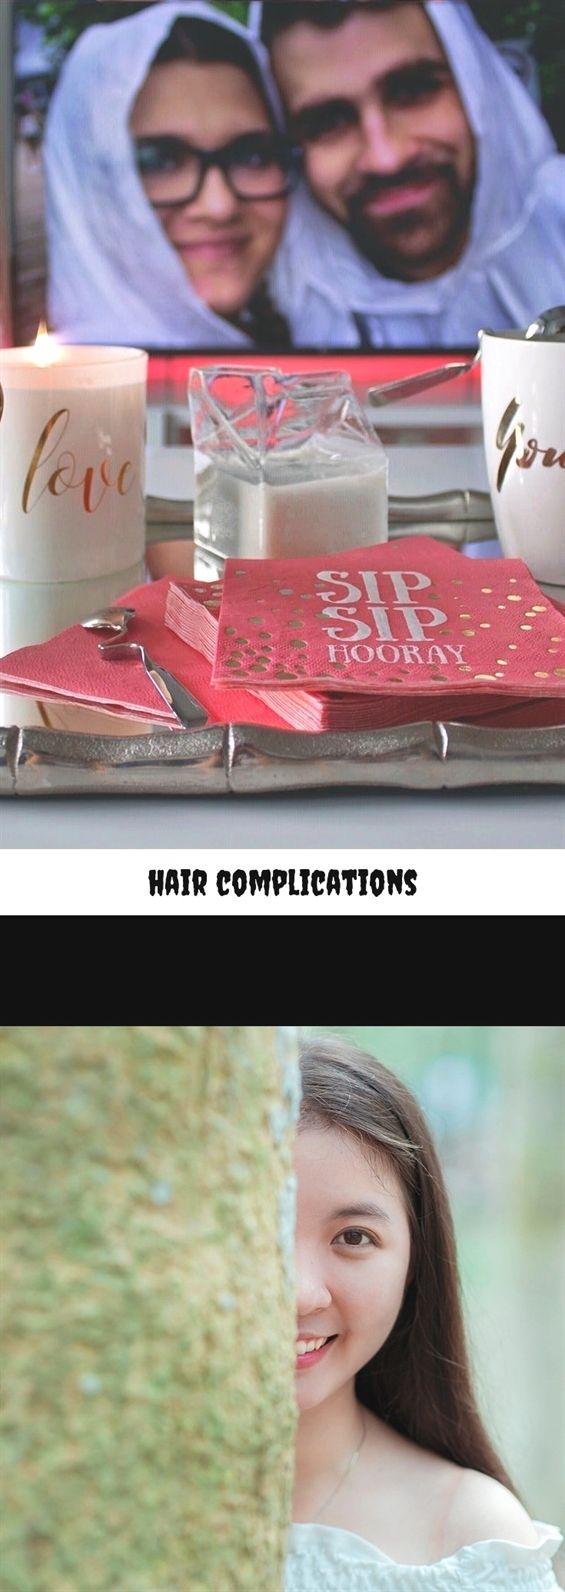 Hair complications hair journey app hair